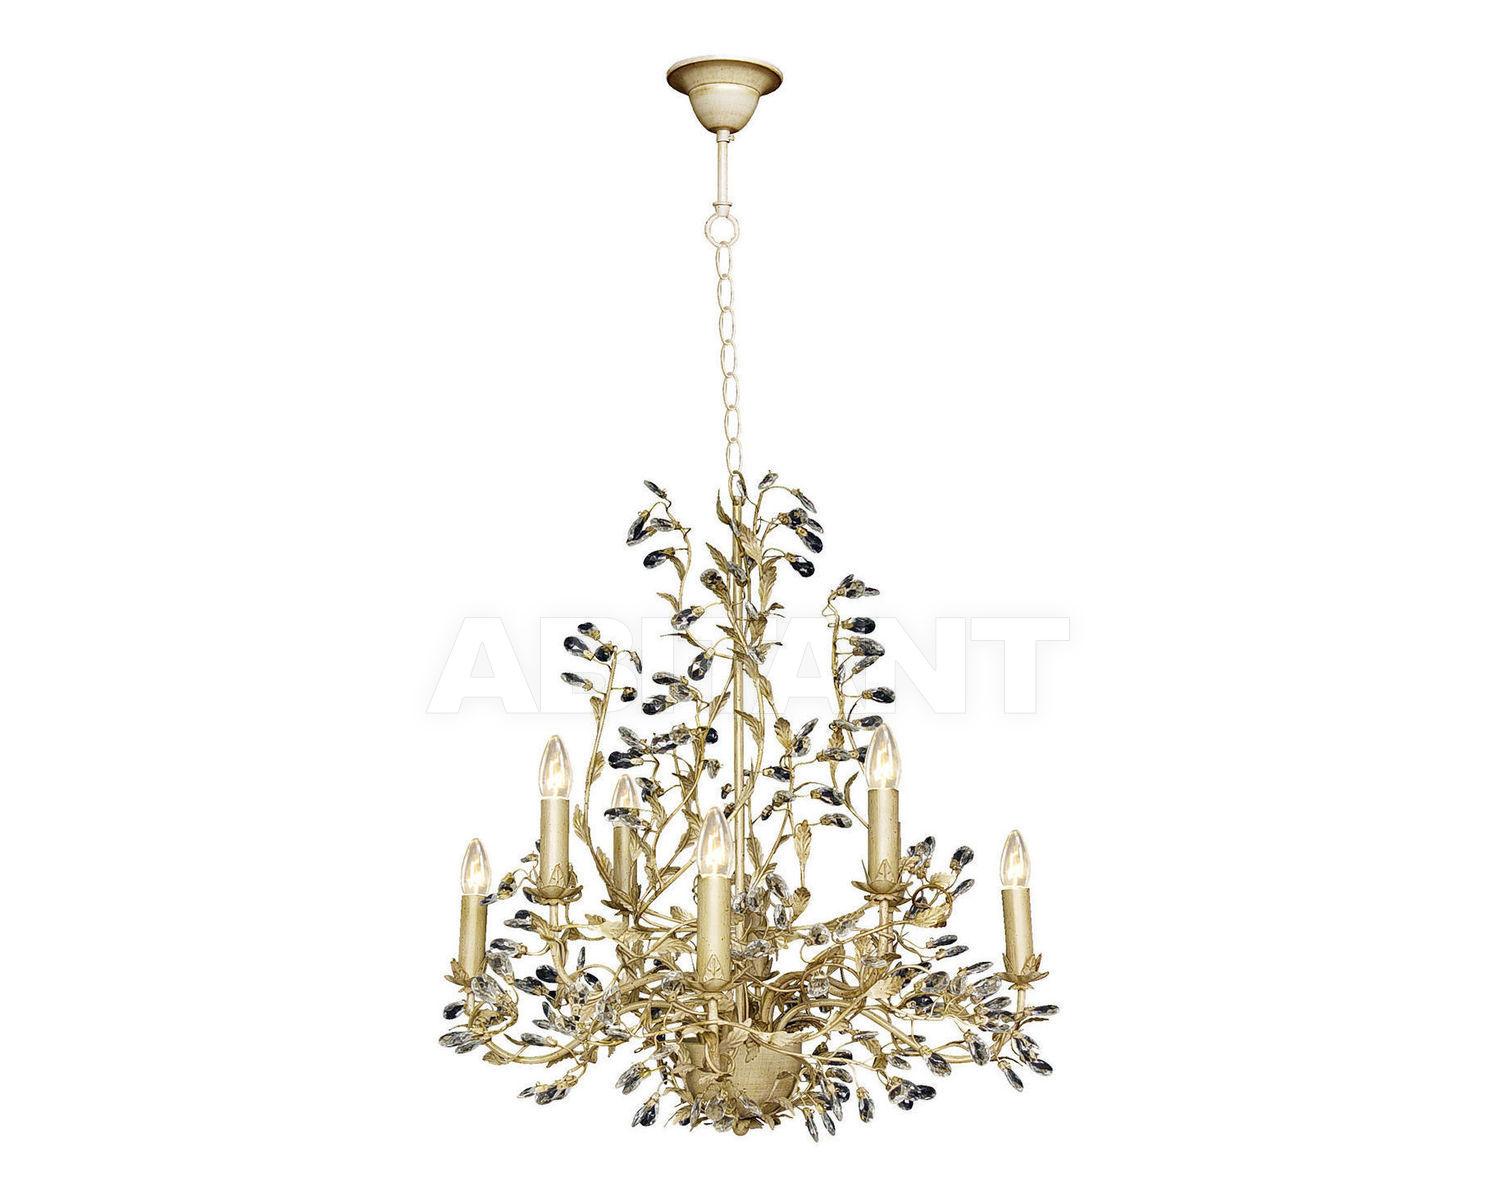 Купить Люстра Linea Verdace 2012 LV 53312/BD